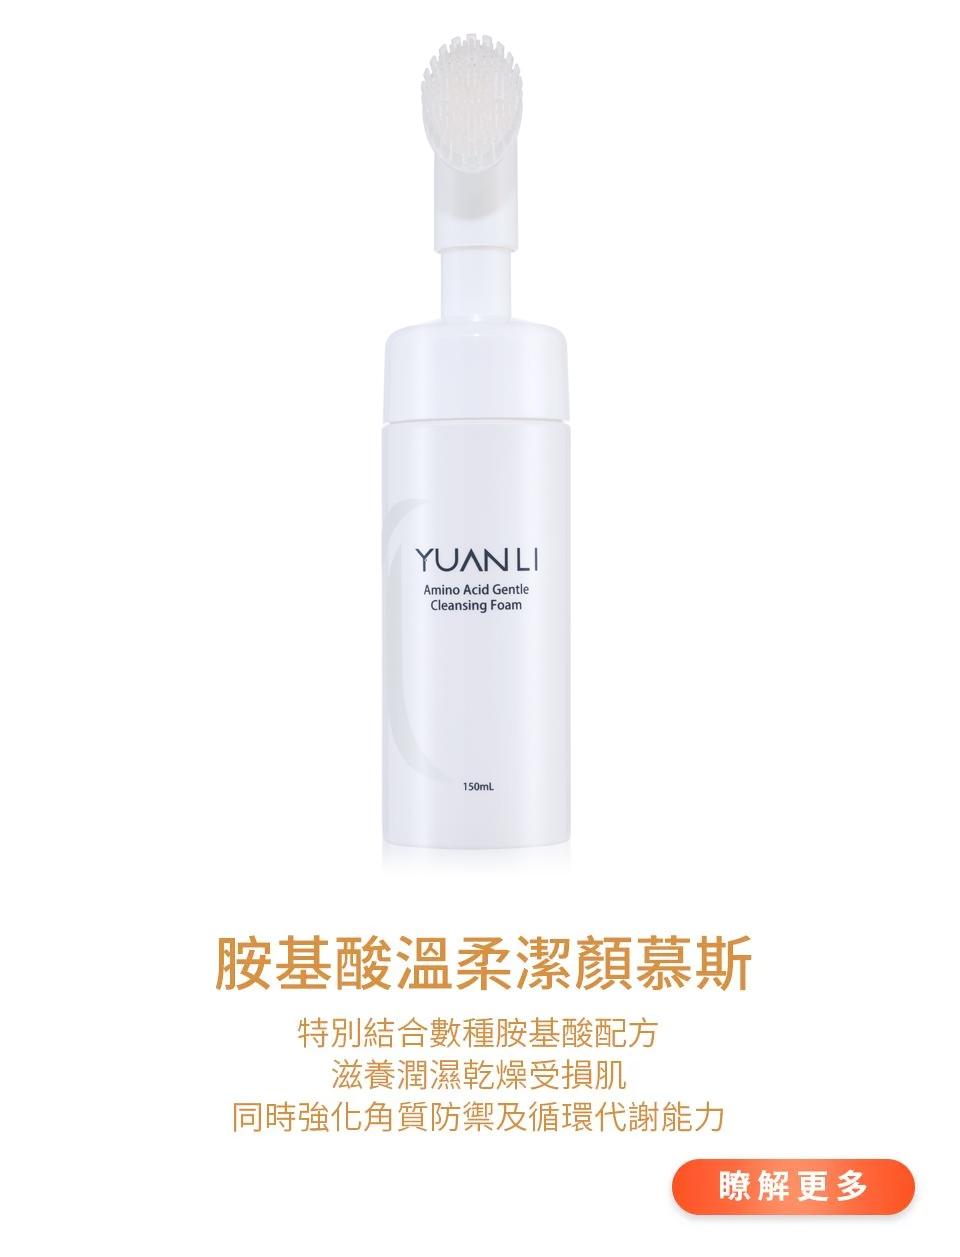 yuanli, YL, 胺基酸, 慕斯,